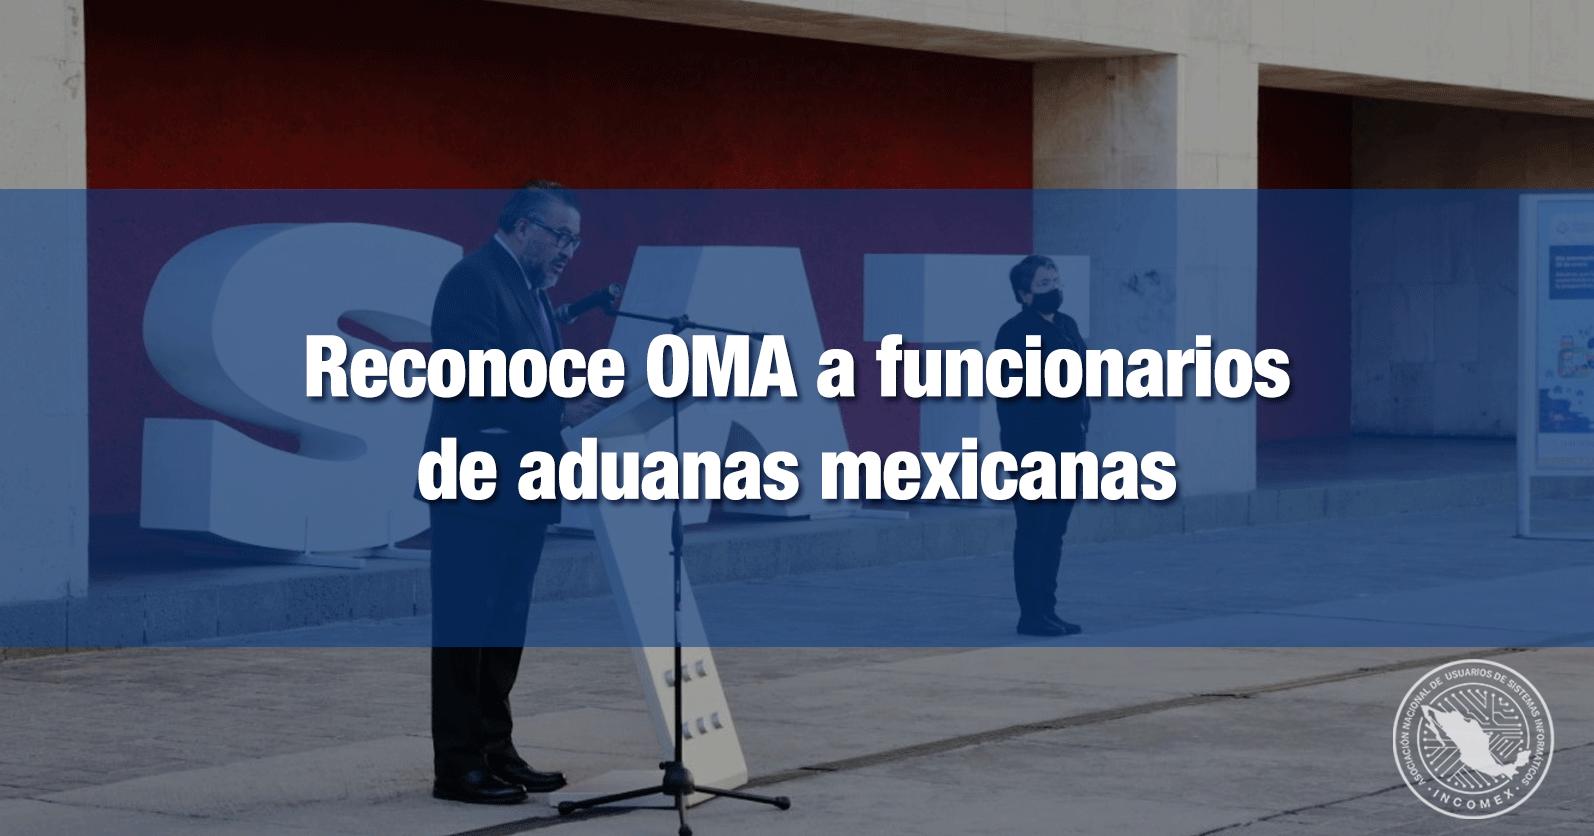 Reconoce OMA a funcionarios de aduanas mexicanas